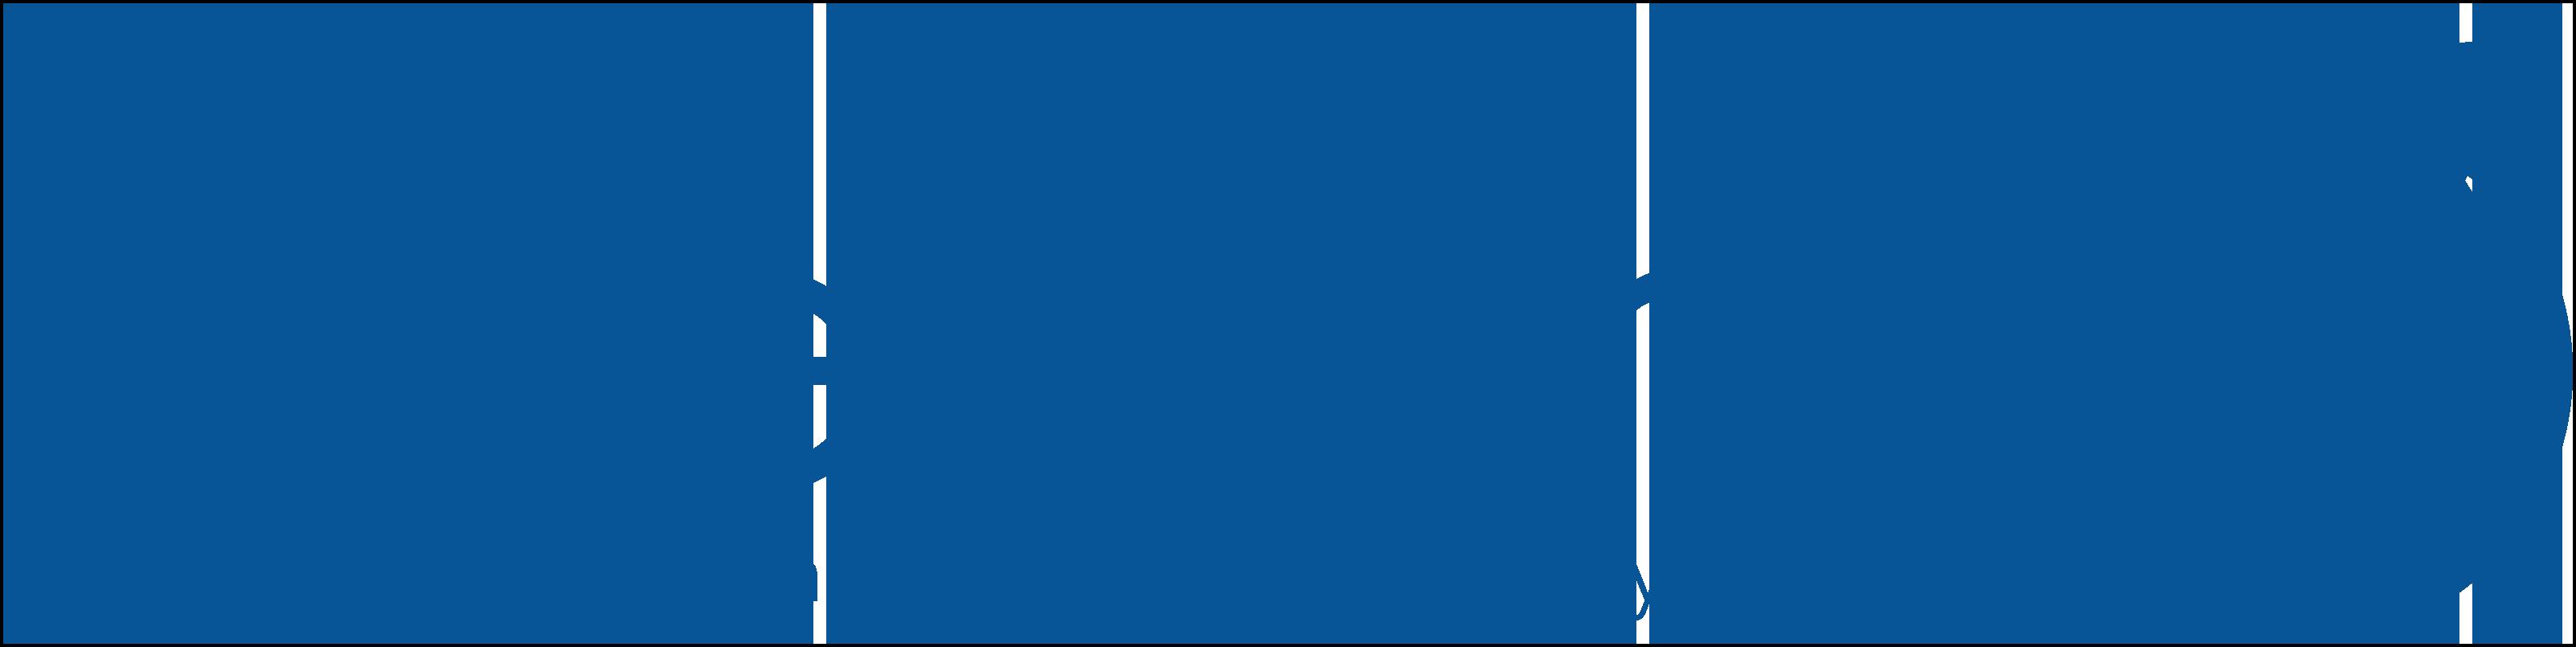 Cokesbury.com logo, courtesy of The United Methodist Publishing House